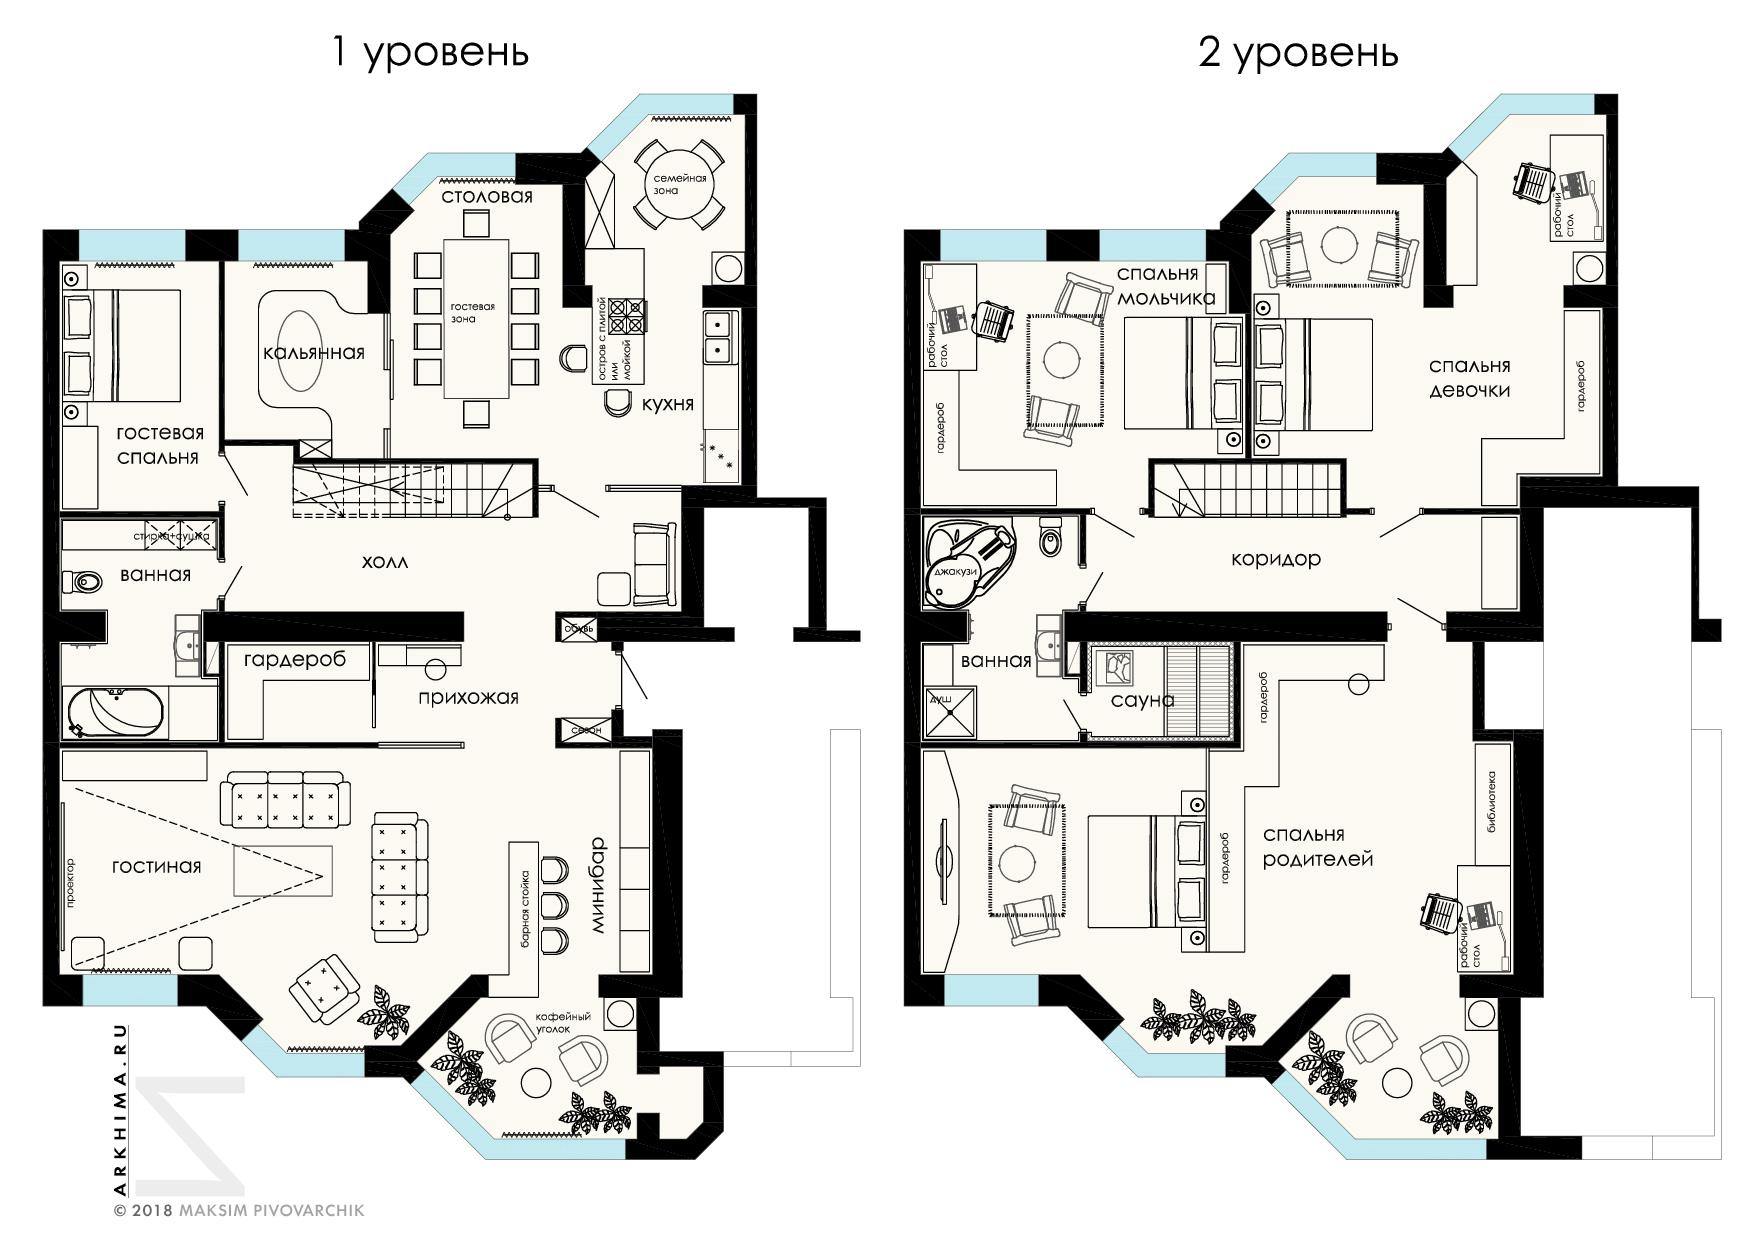 Объединение + планировка квартиры (~260 кв.м.) фото f_9125a57c762dee5a.jpg